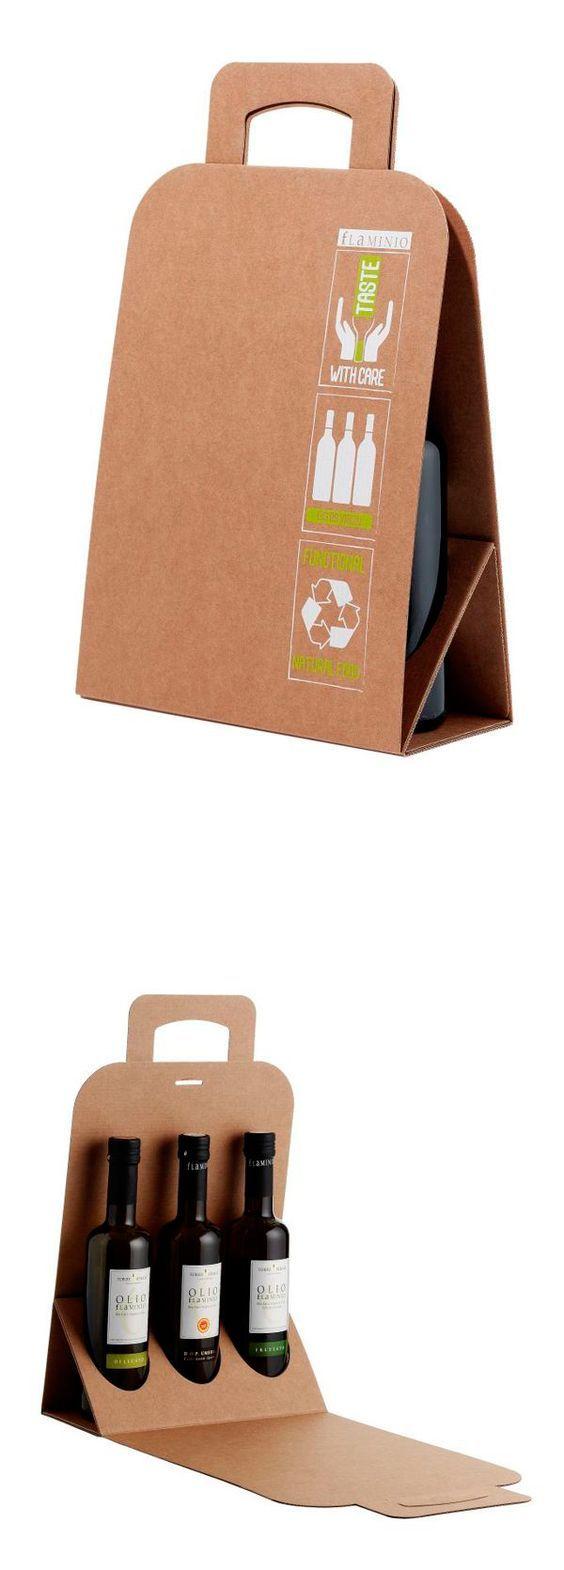 Bao bì giấy, đặc biệt là bao bì giấy Kraft được thiết kế với độ dày mỏng khác nhau, là một xu hướng đang phát triển rất nhanh. Bao bì giấy tái chế thân thiện...